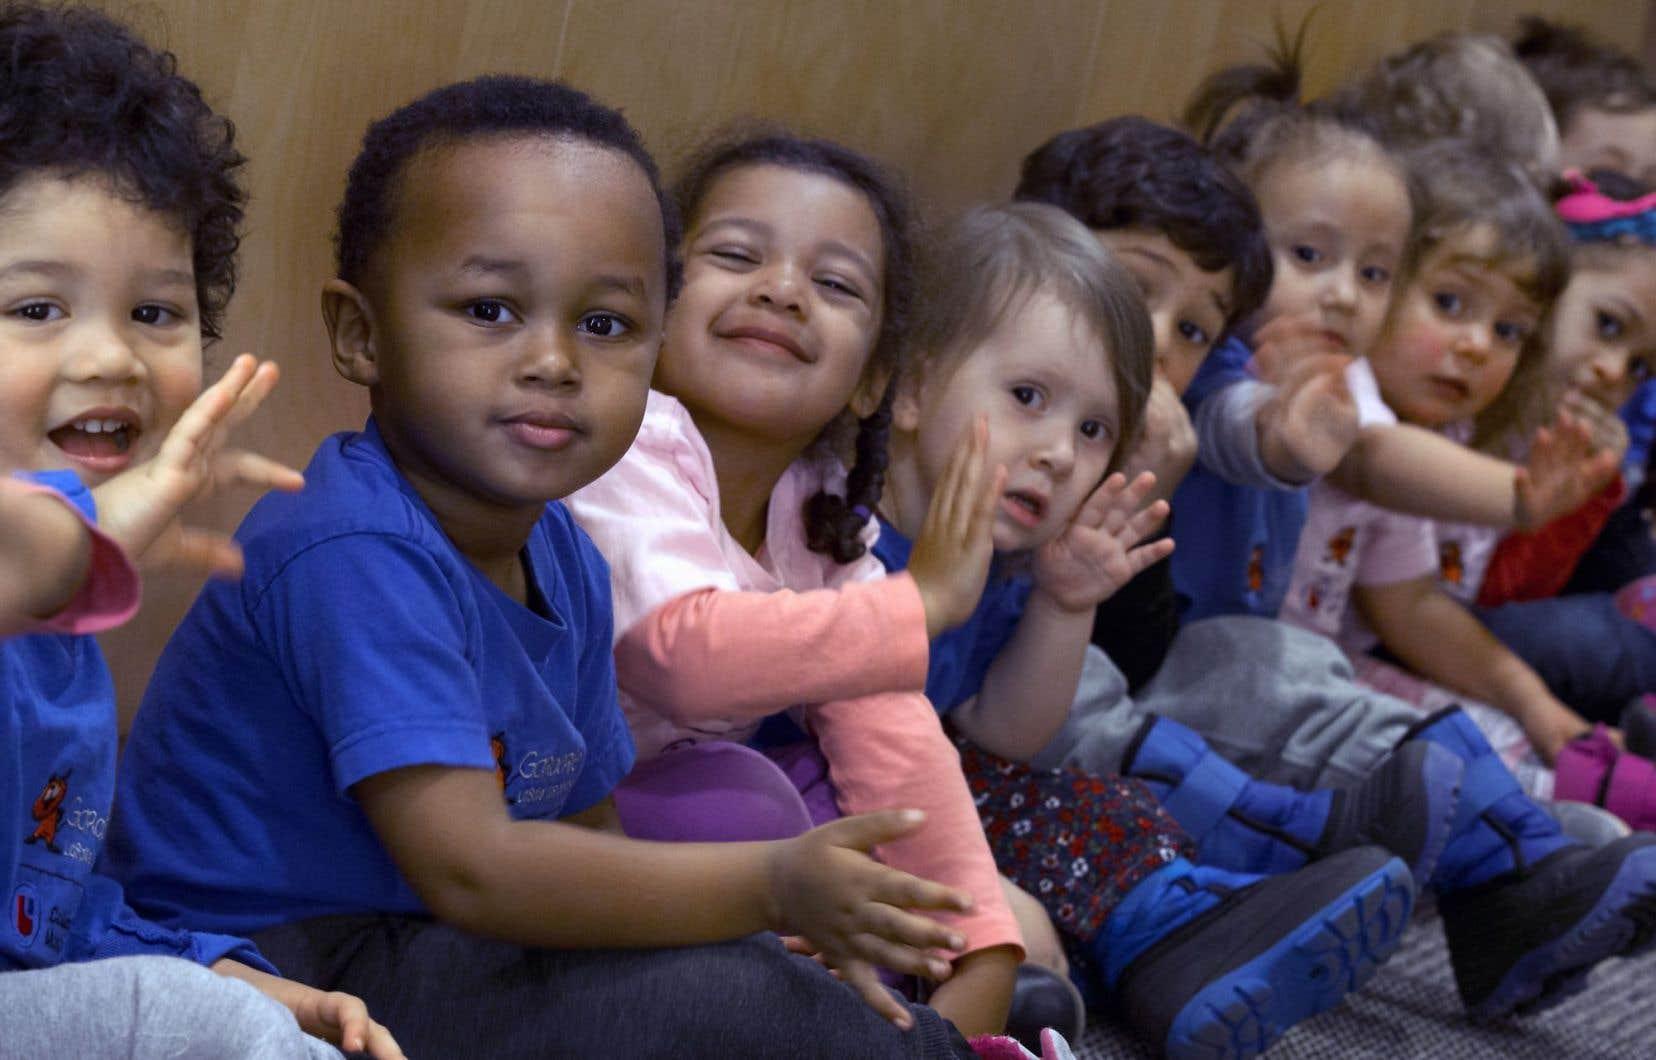 L'Observatoire des tout-petits estime que la violence «mineure» touche 44% des enfants de six mois à cinqans.